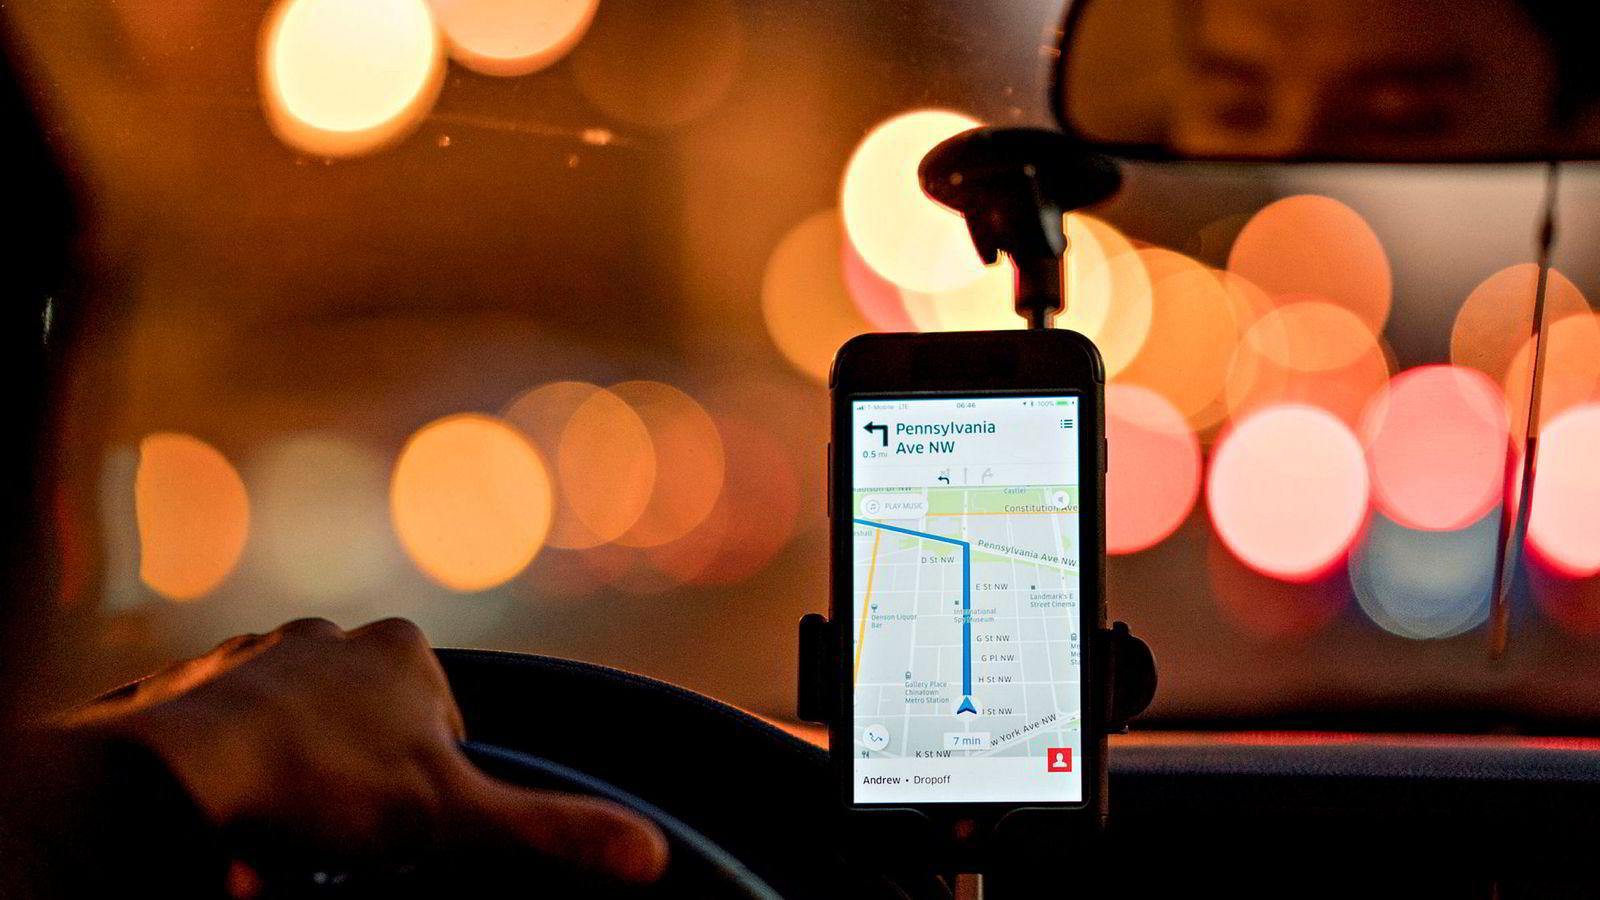 Regjeringen ønsker taxi-utfordreren Uber velkommen tilbake til Norge. Her bruker en Uber-sjåfør i USA selskapets app.